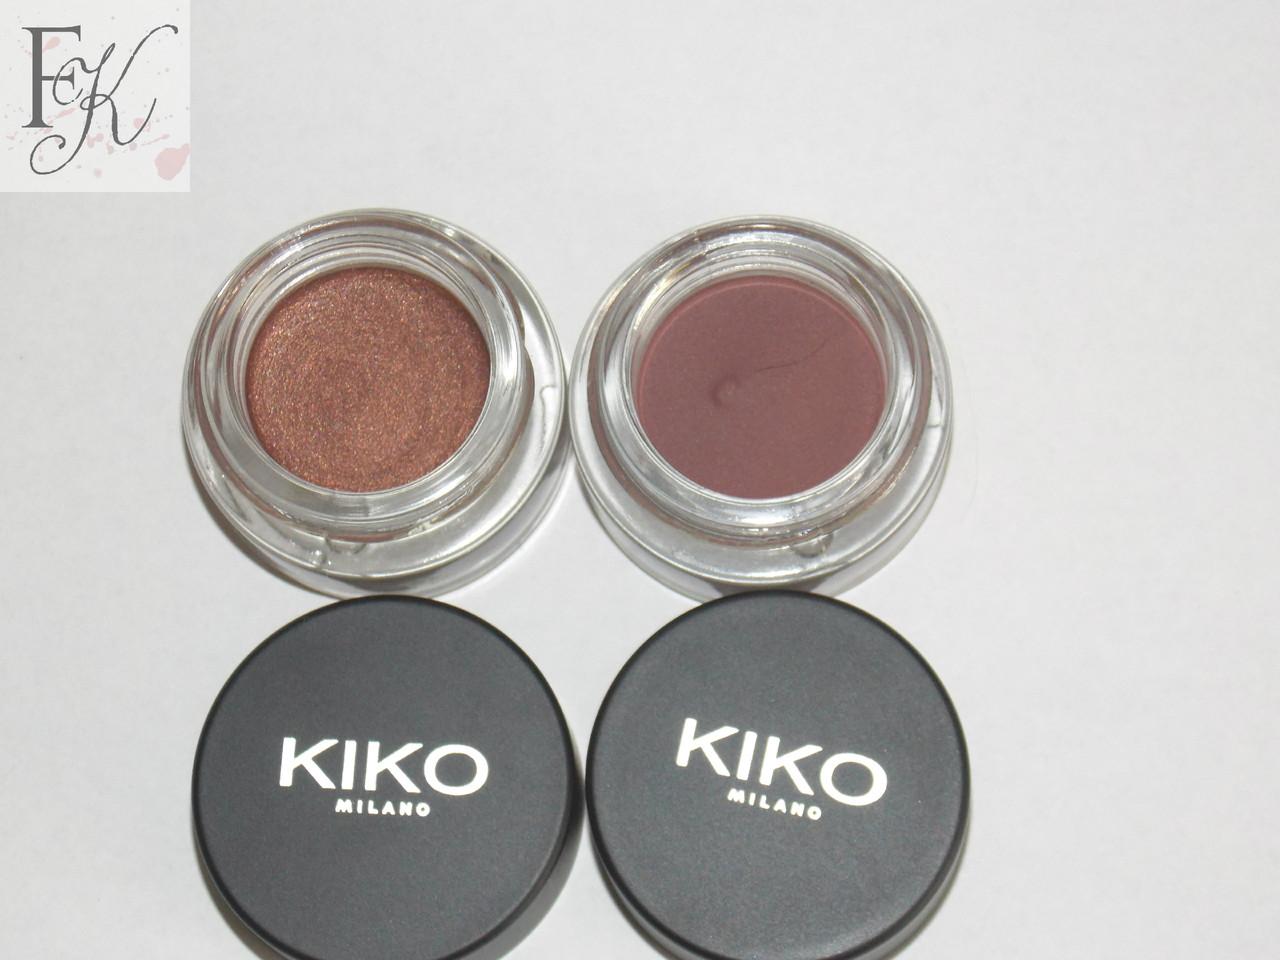 Kiko1.jpg